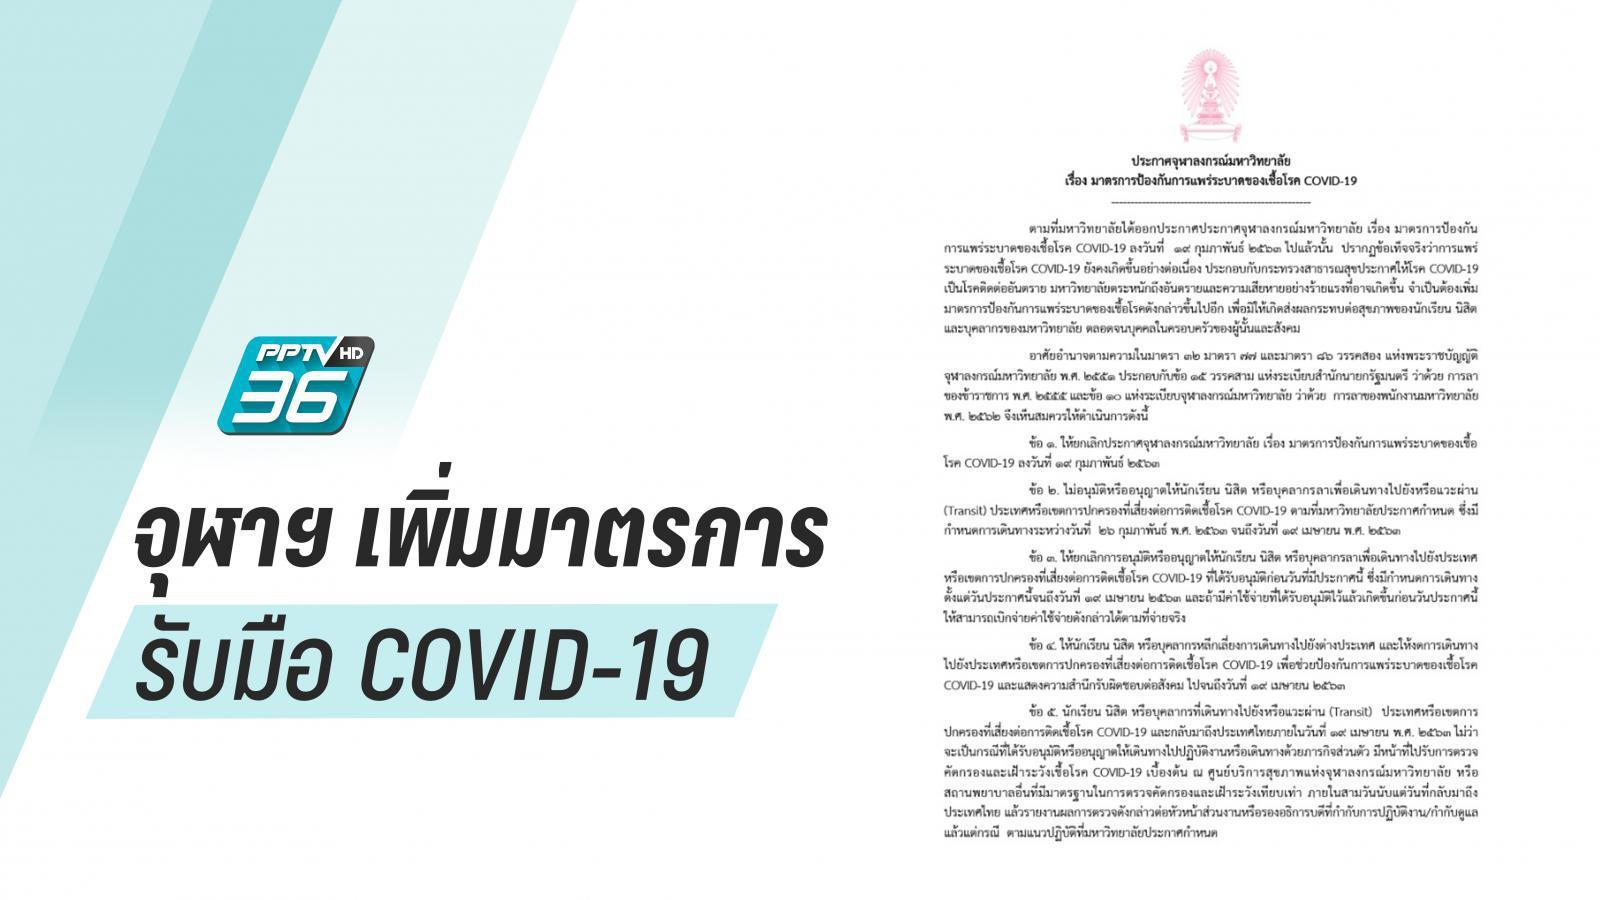 จุฬาฯ เพิ่มมาตรการรับมือ COVID-19